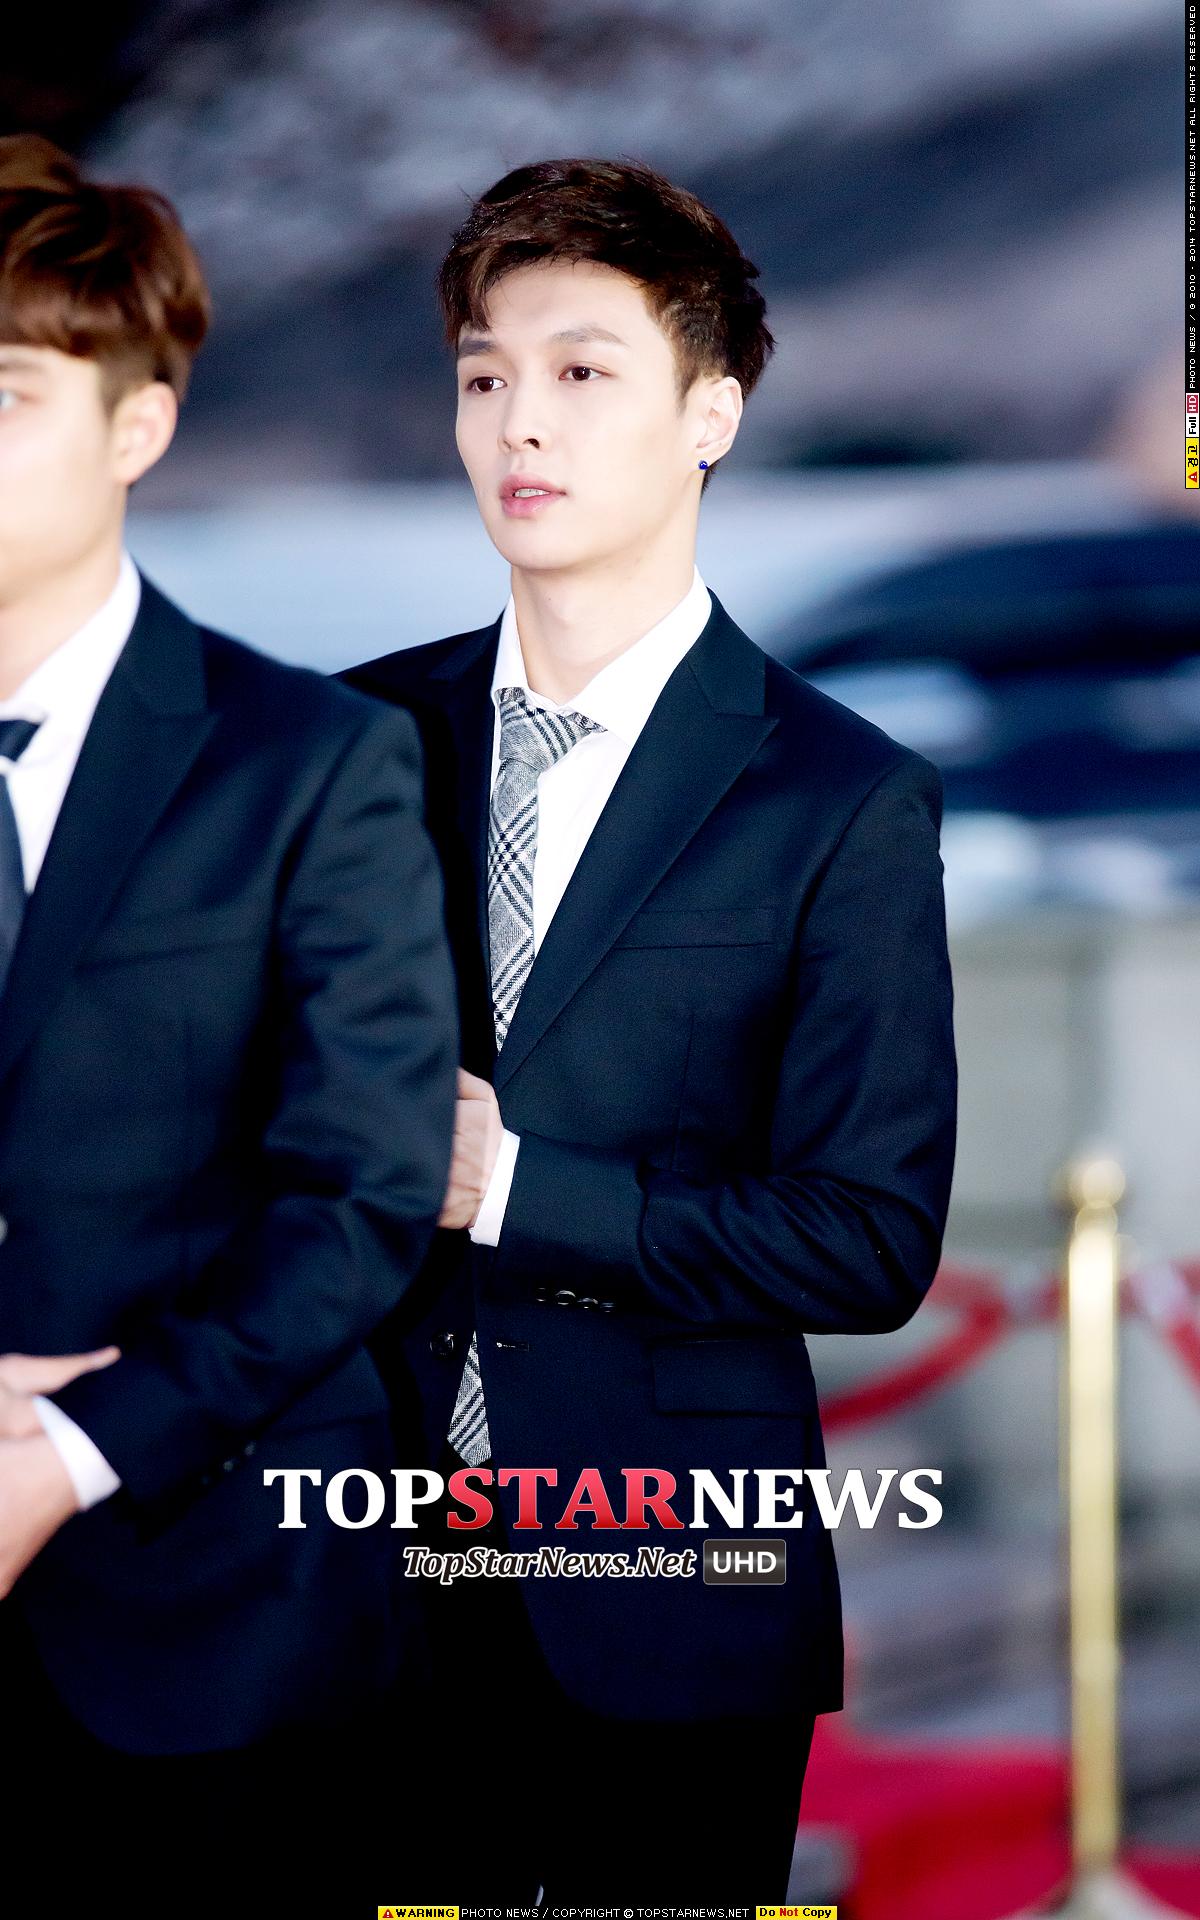 7.EXO Lay 這張唇色真的太好看了!厚度也很剛剛好XD